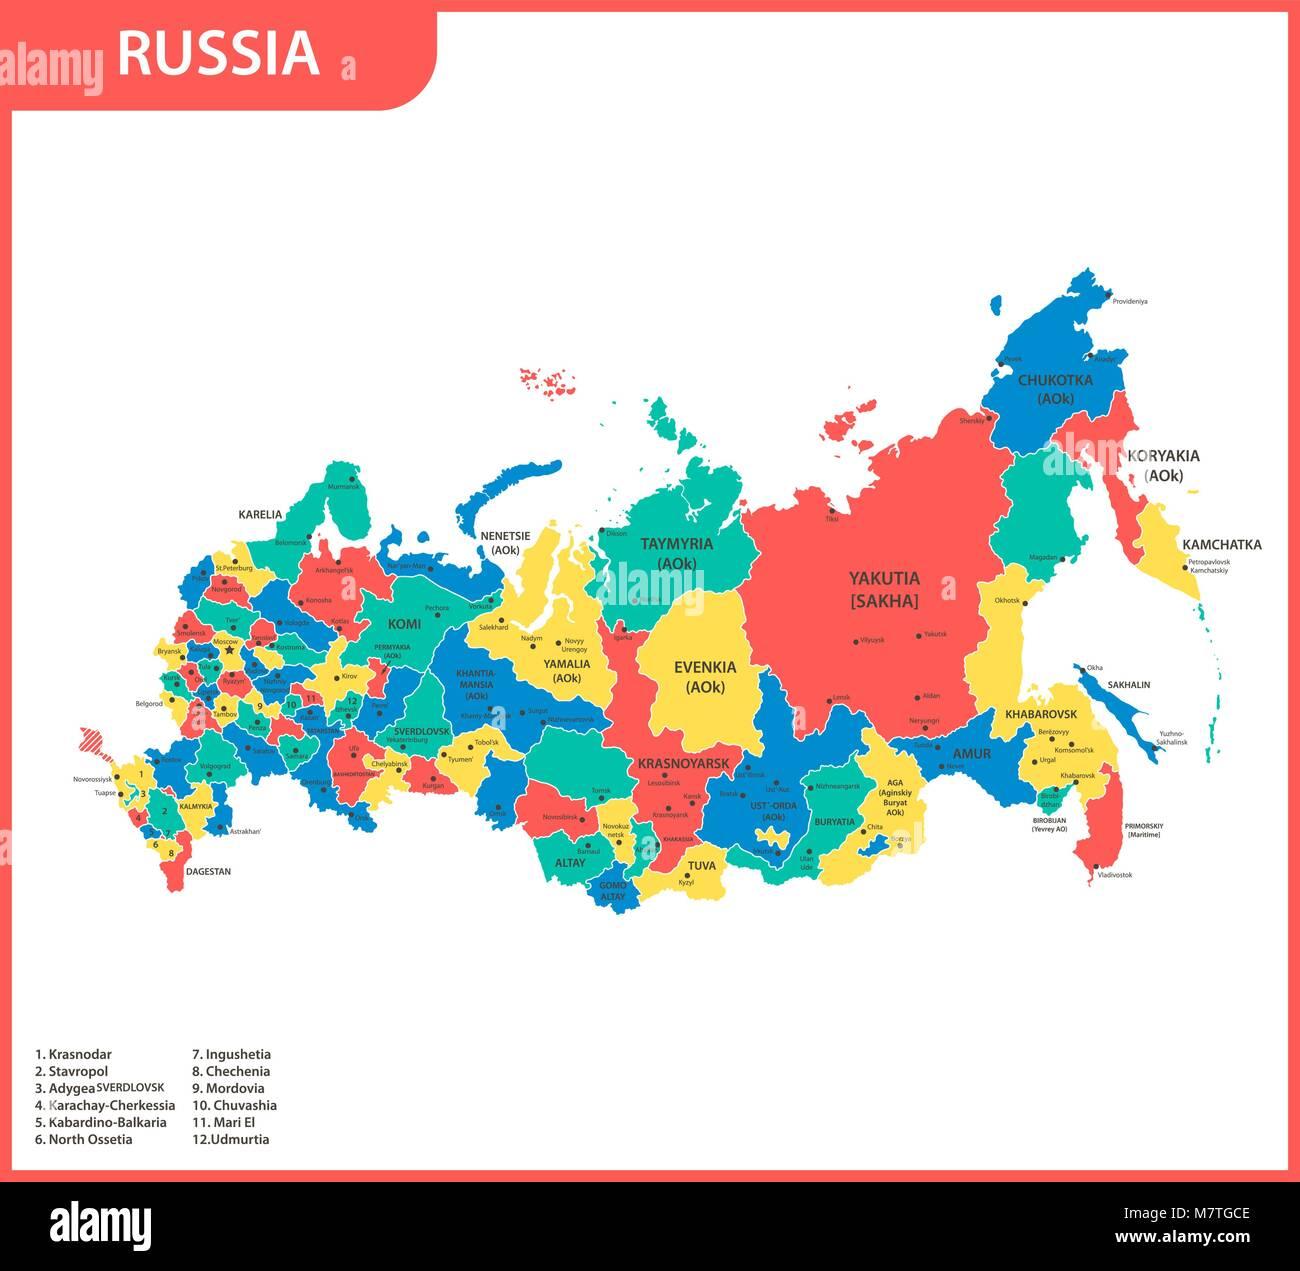 Die detaillierte Karte des Russland mit Regionen oder ...Russische Foederation